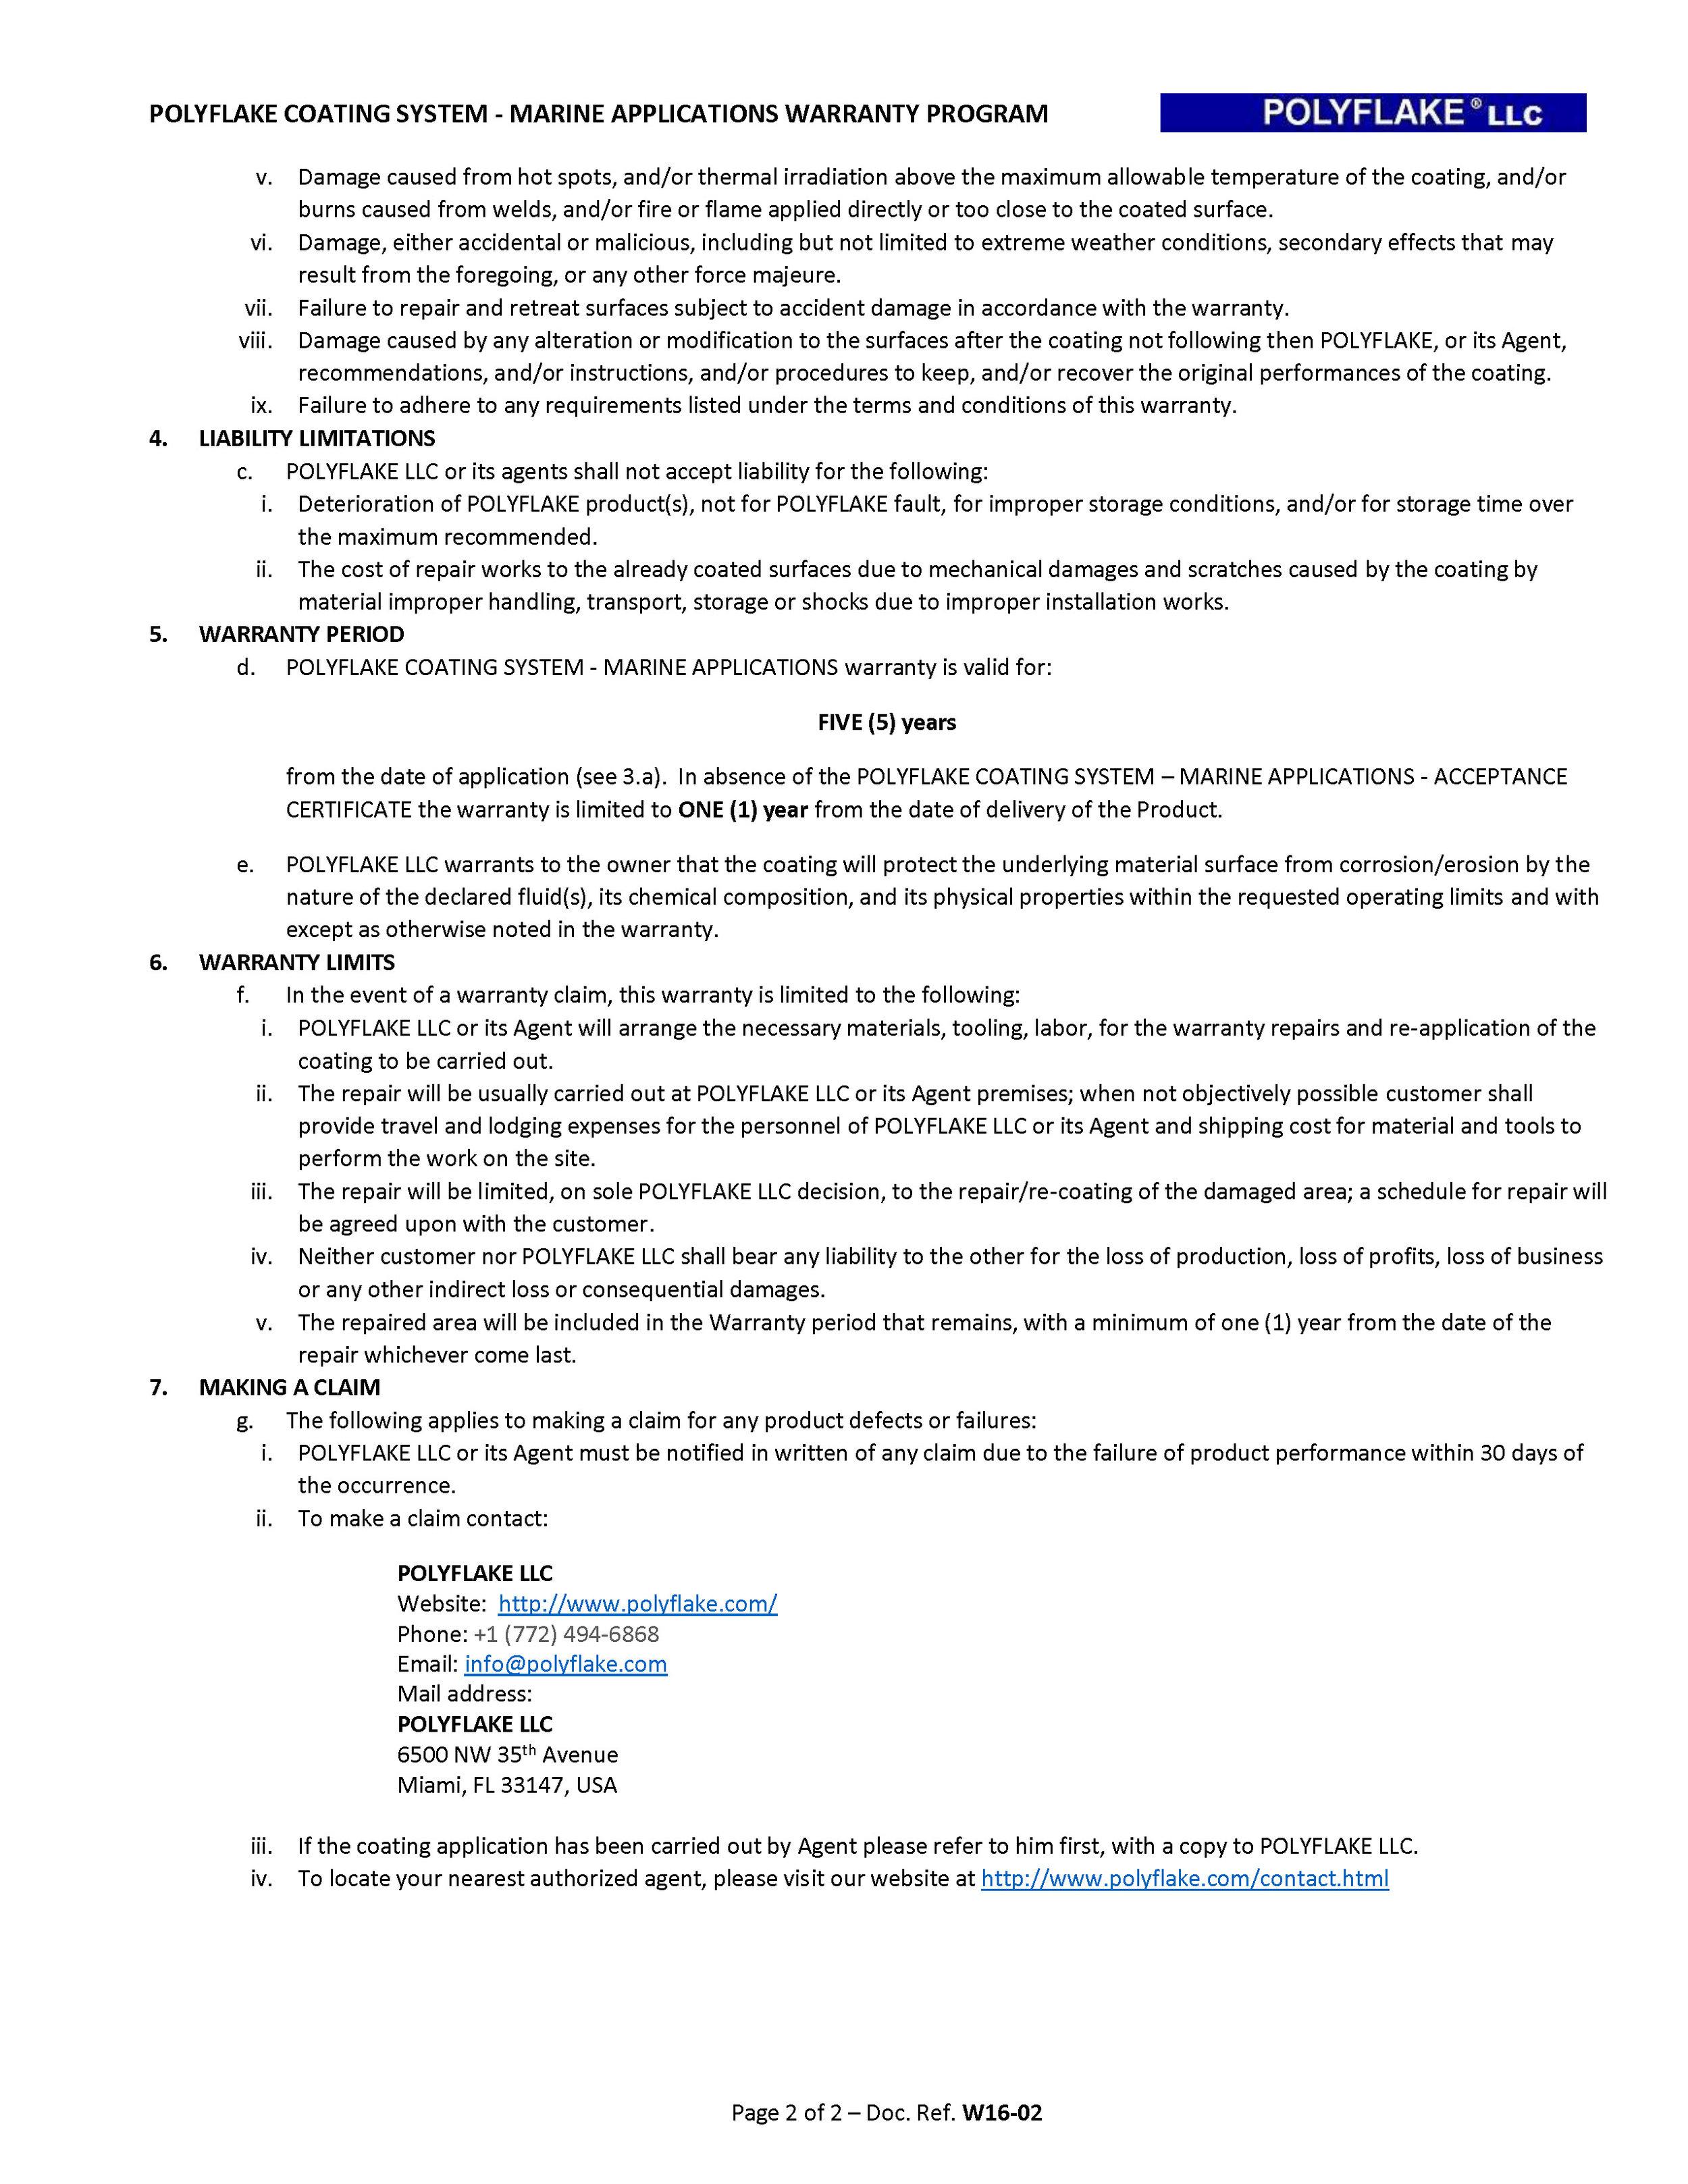 POLYFLAKE COATING SYSTEM 5Y WARRANTY W16-02_Page_2.jpg